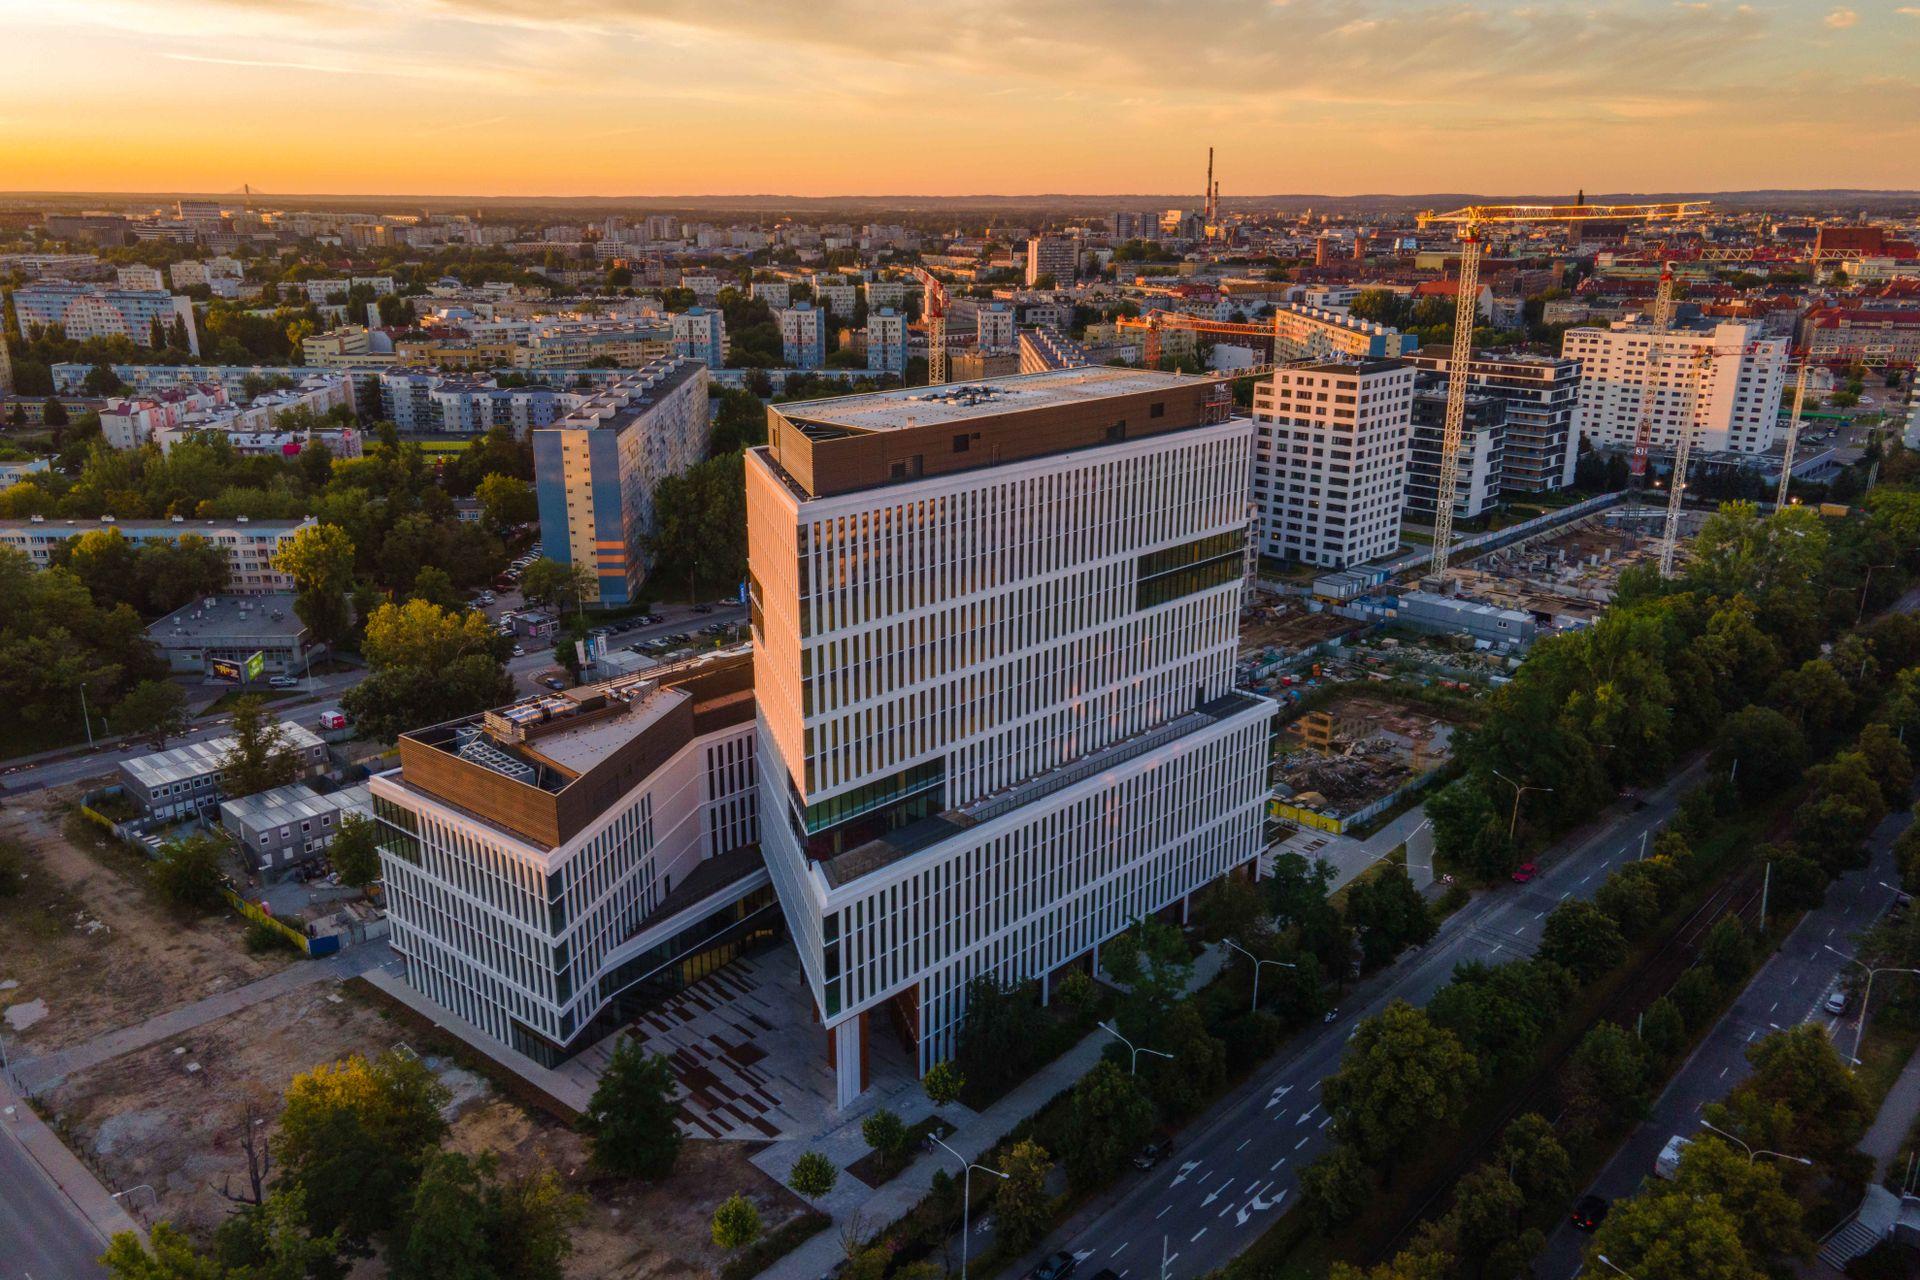 Biurowy Wrocław powiększy się w tym roku tylko o 50,4 tys. mkw. [RAPORT]